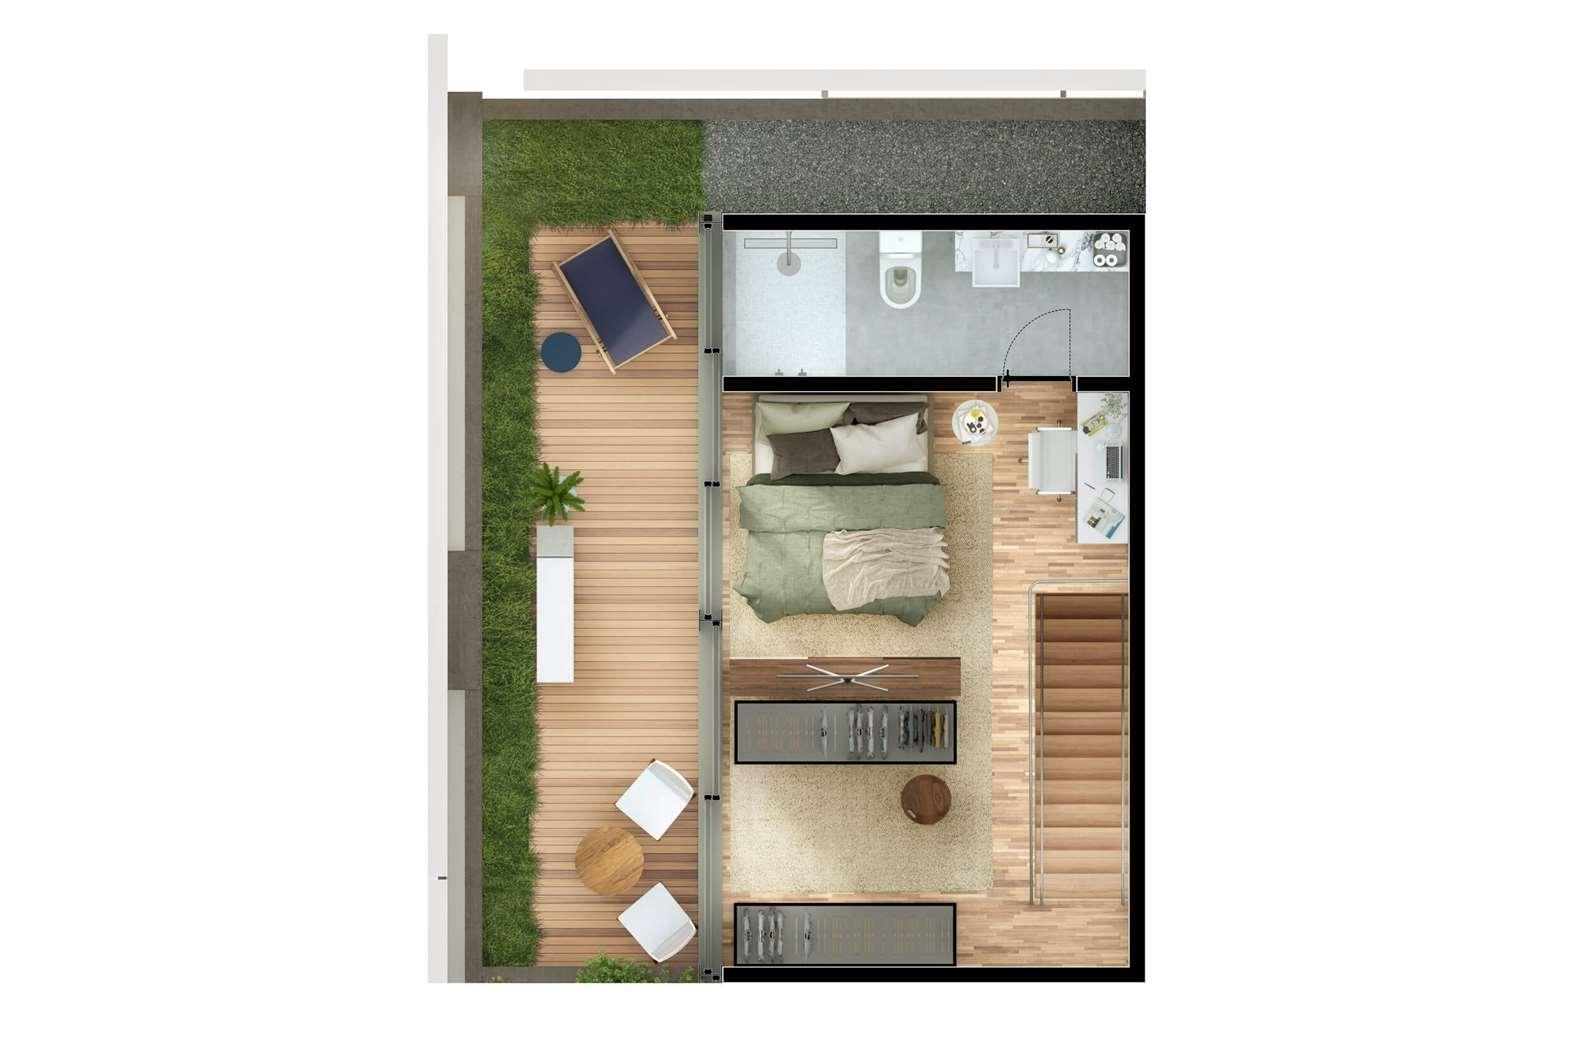 Cobertura Duplex 3 Dormitórios   115m² Pavimento Superior